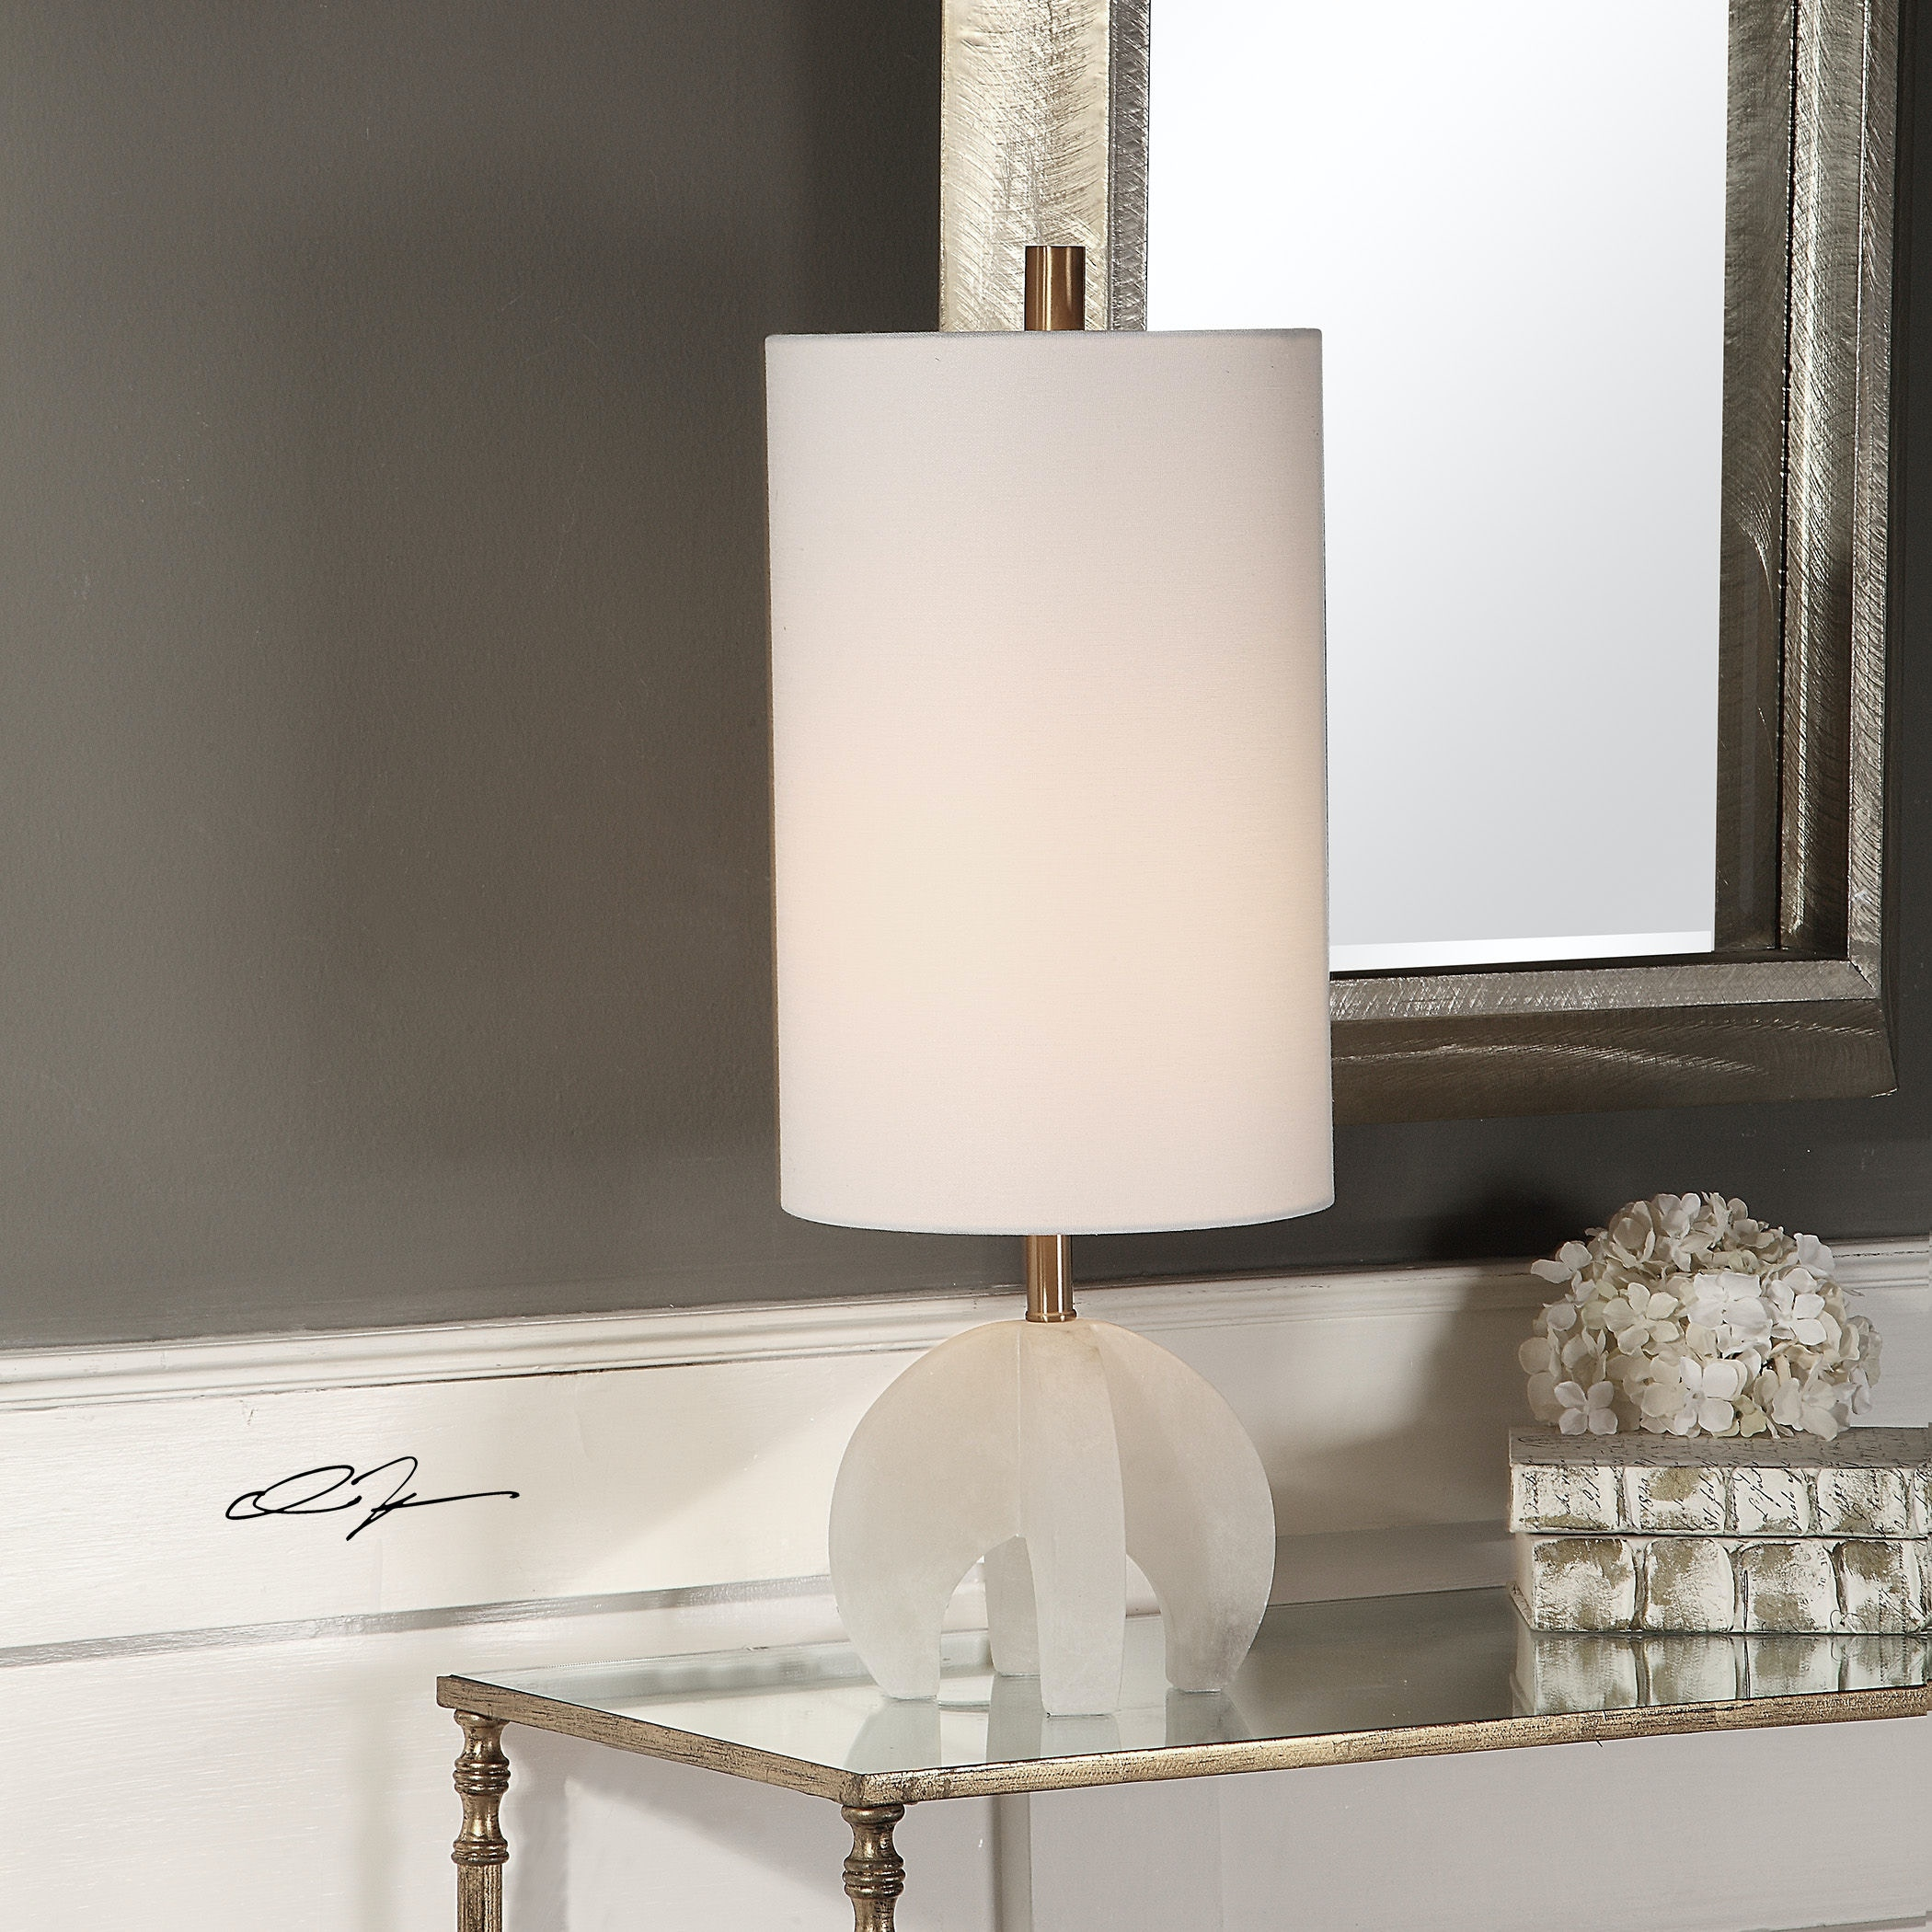 uttermost buffet lamps iron uttermost alanea white buffet lamp 296331